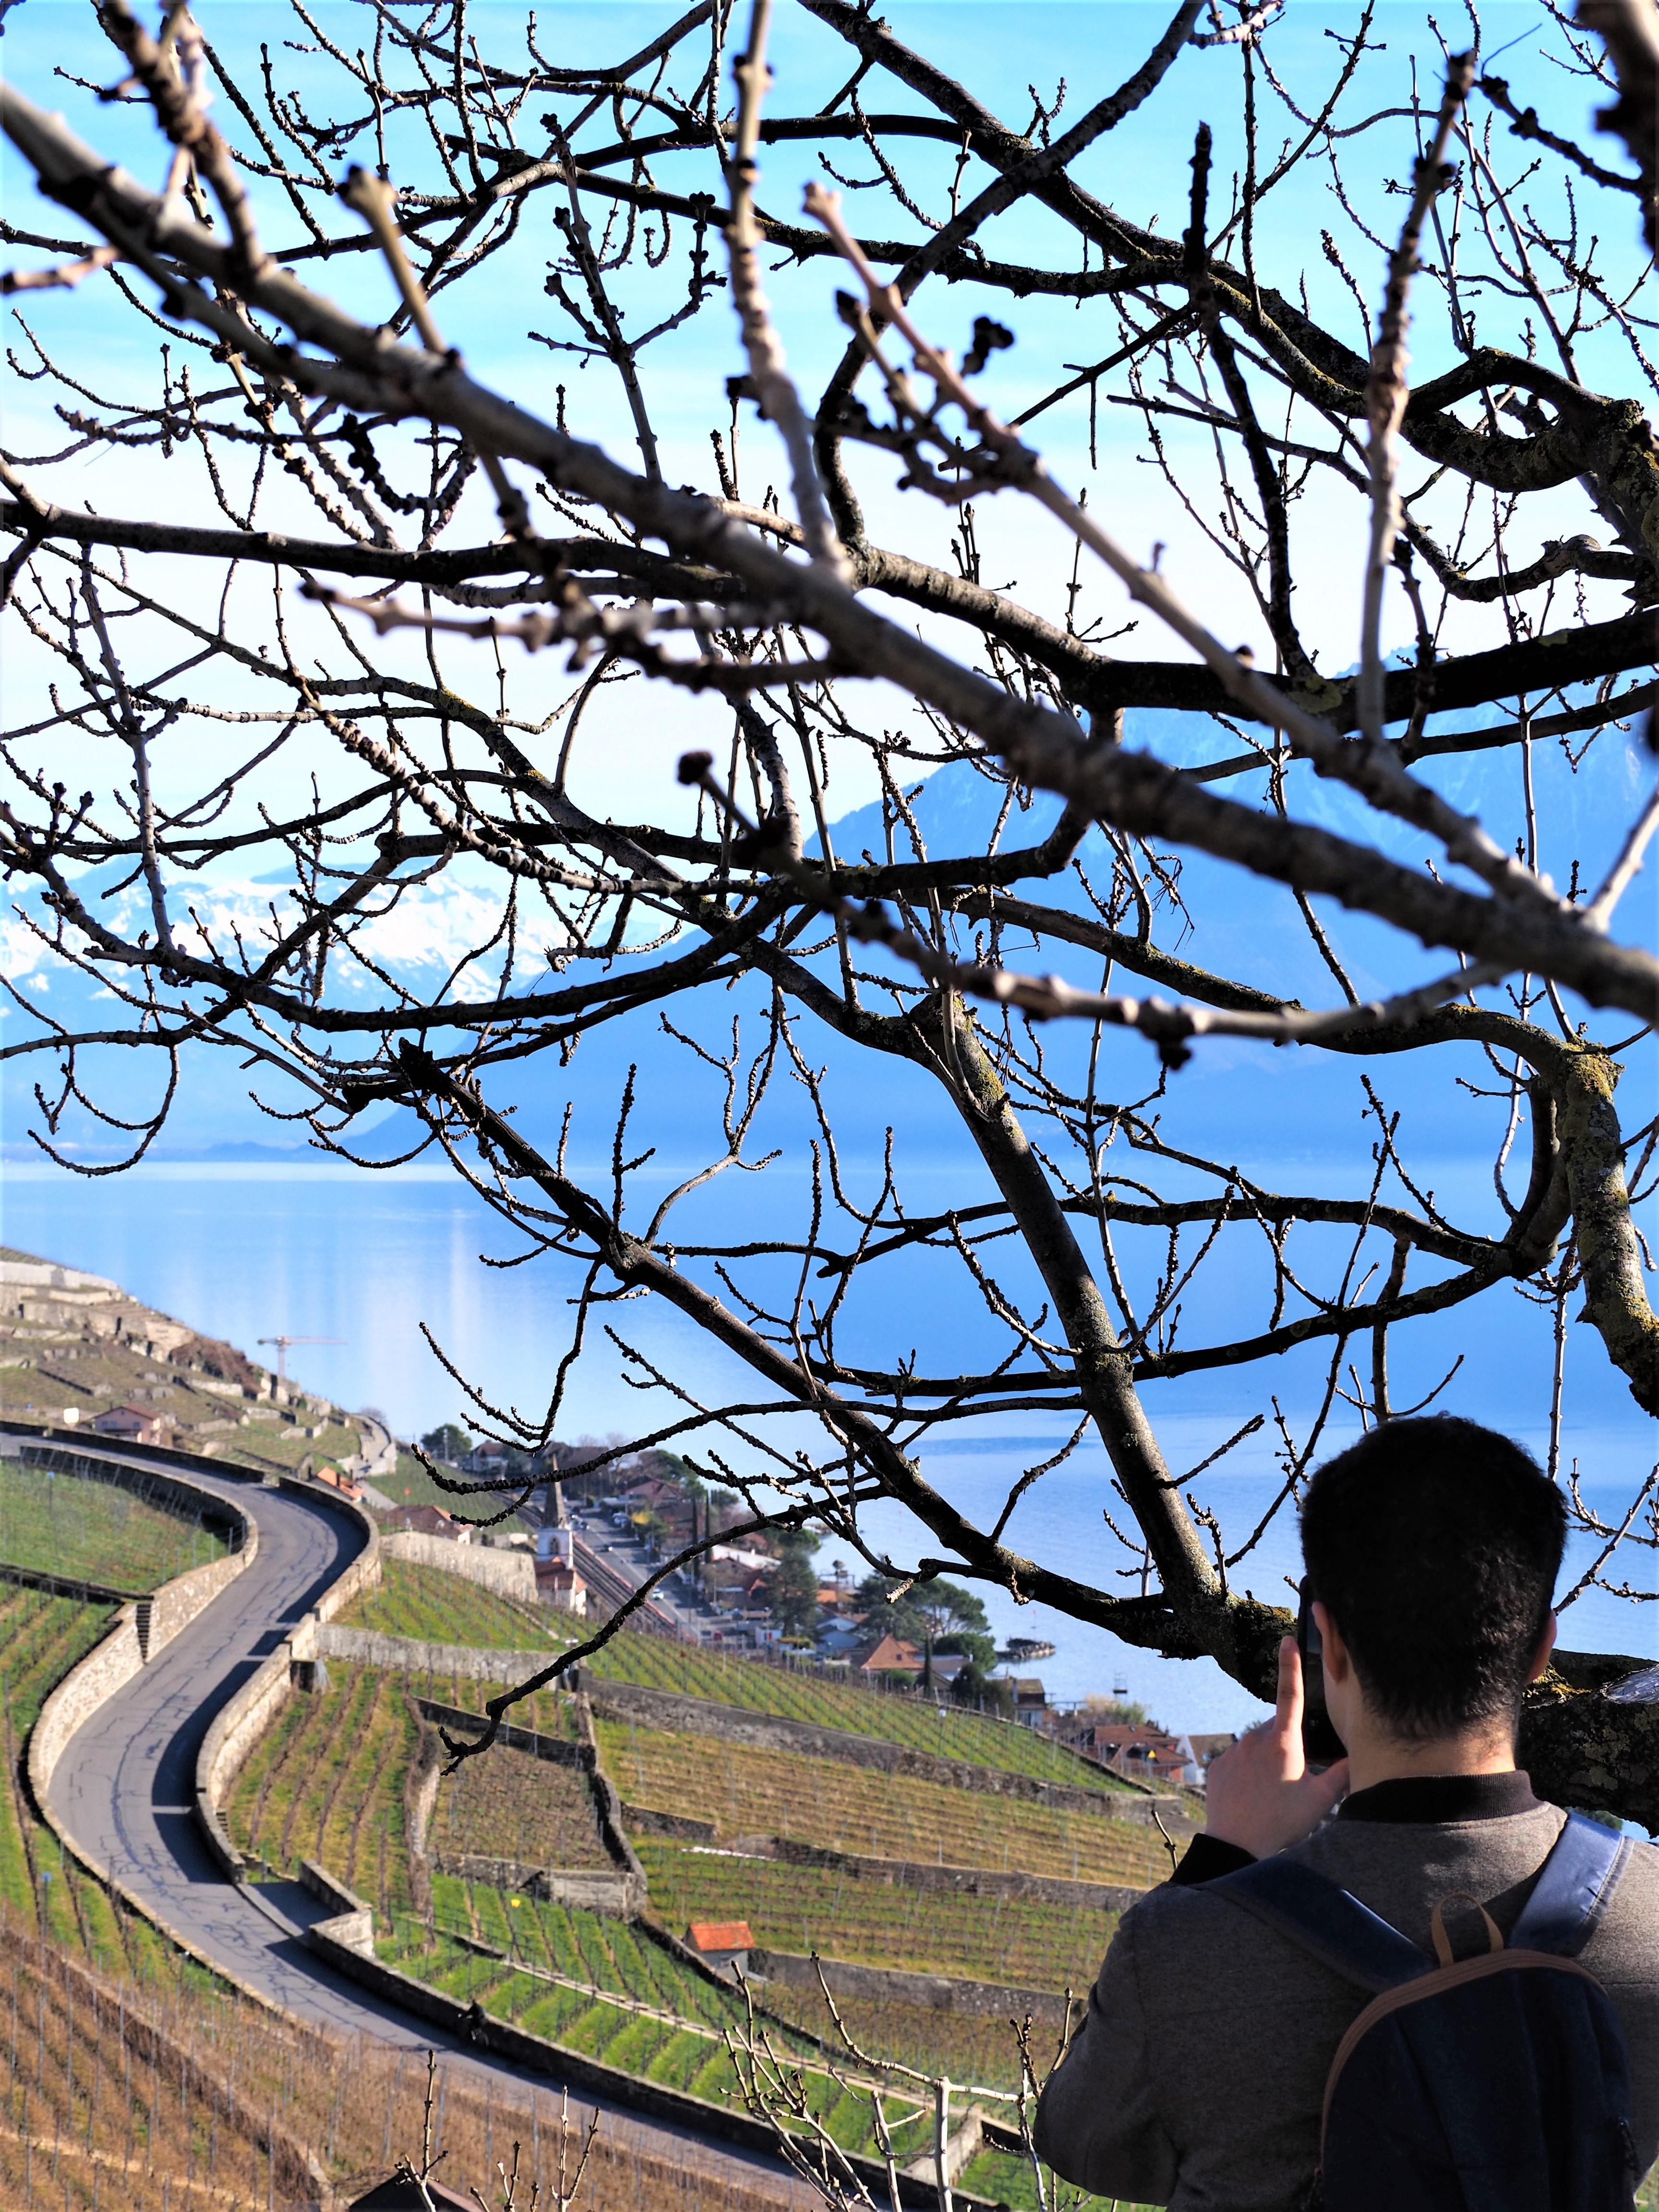 sébastien-vignoble-de-lavaux-Clioandco-blog-voyage-lausanne-suisse-canton-de-vaud-Lavaux-balade.